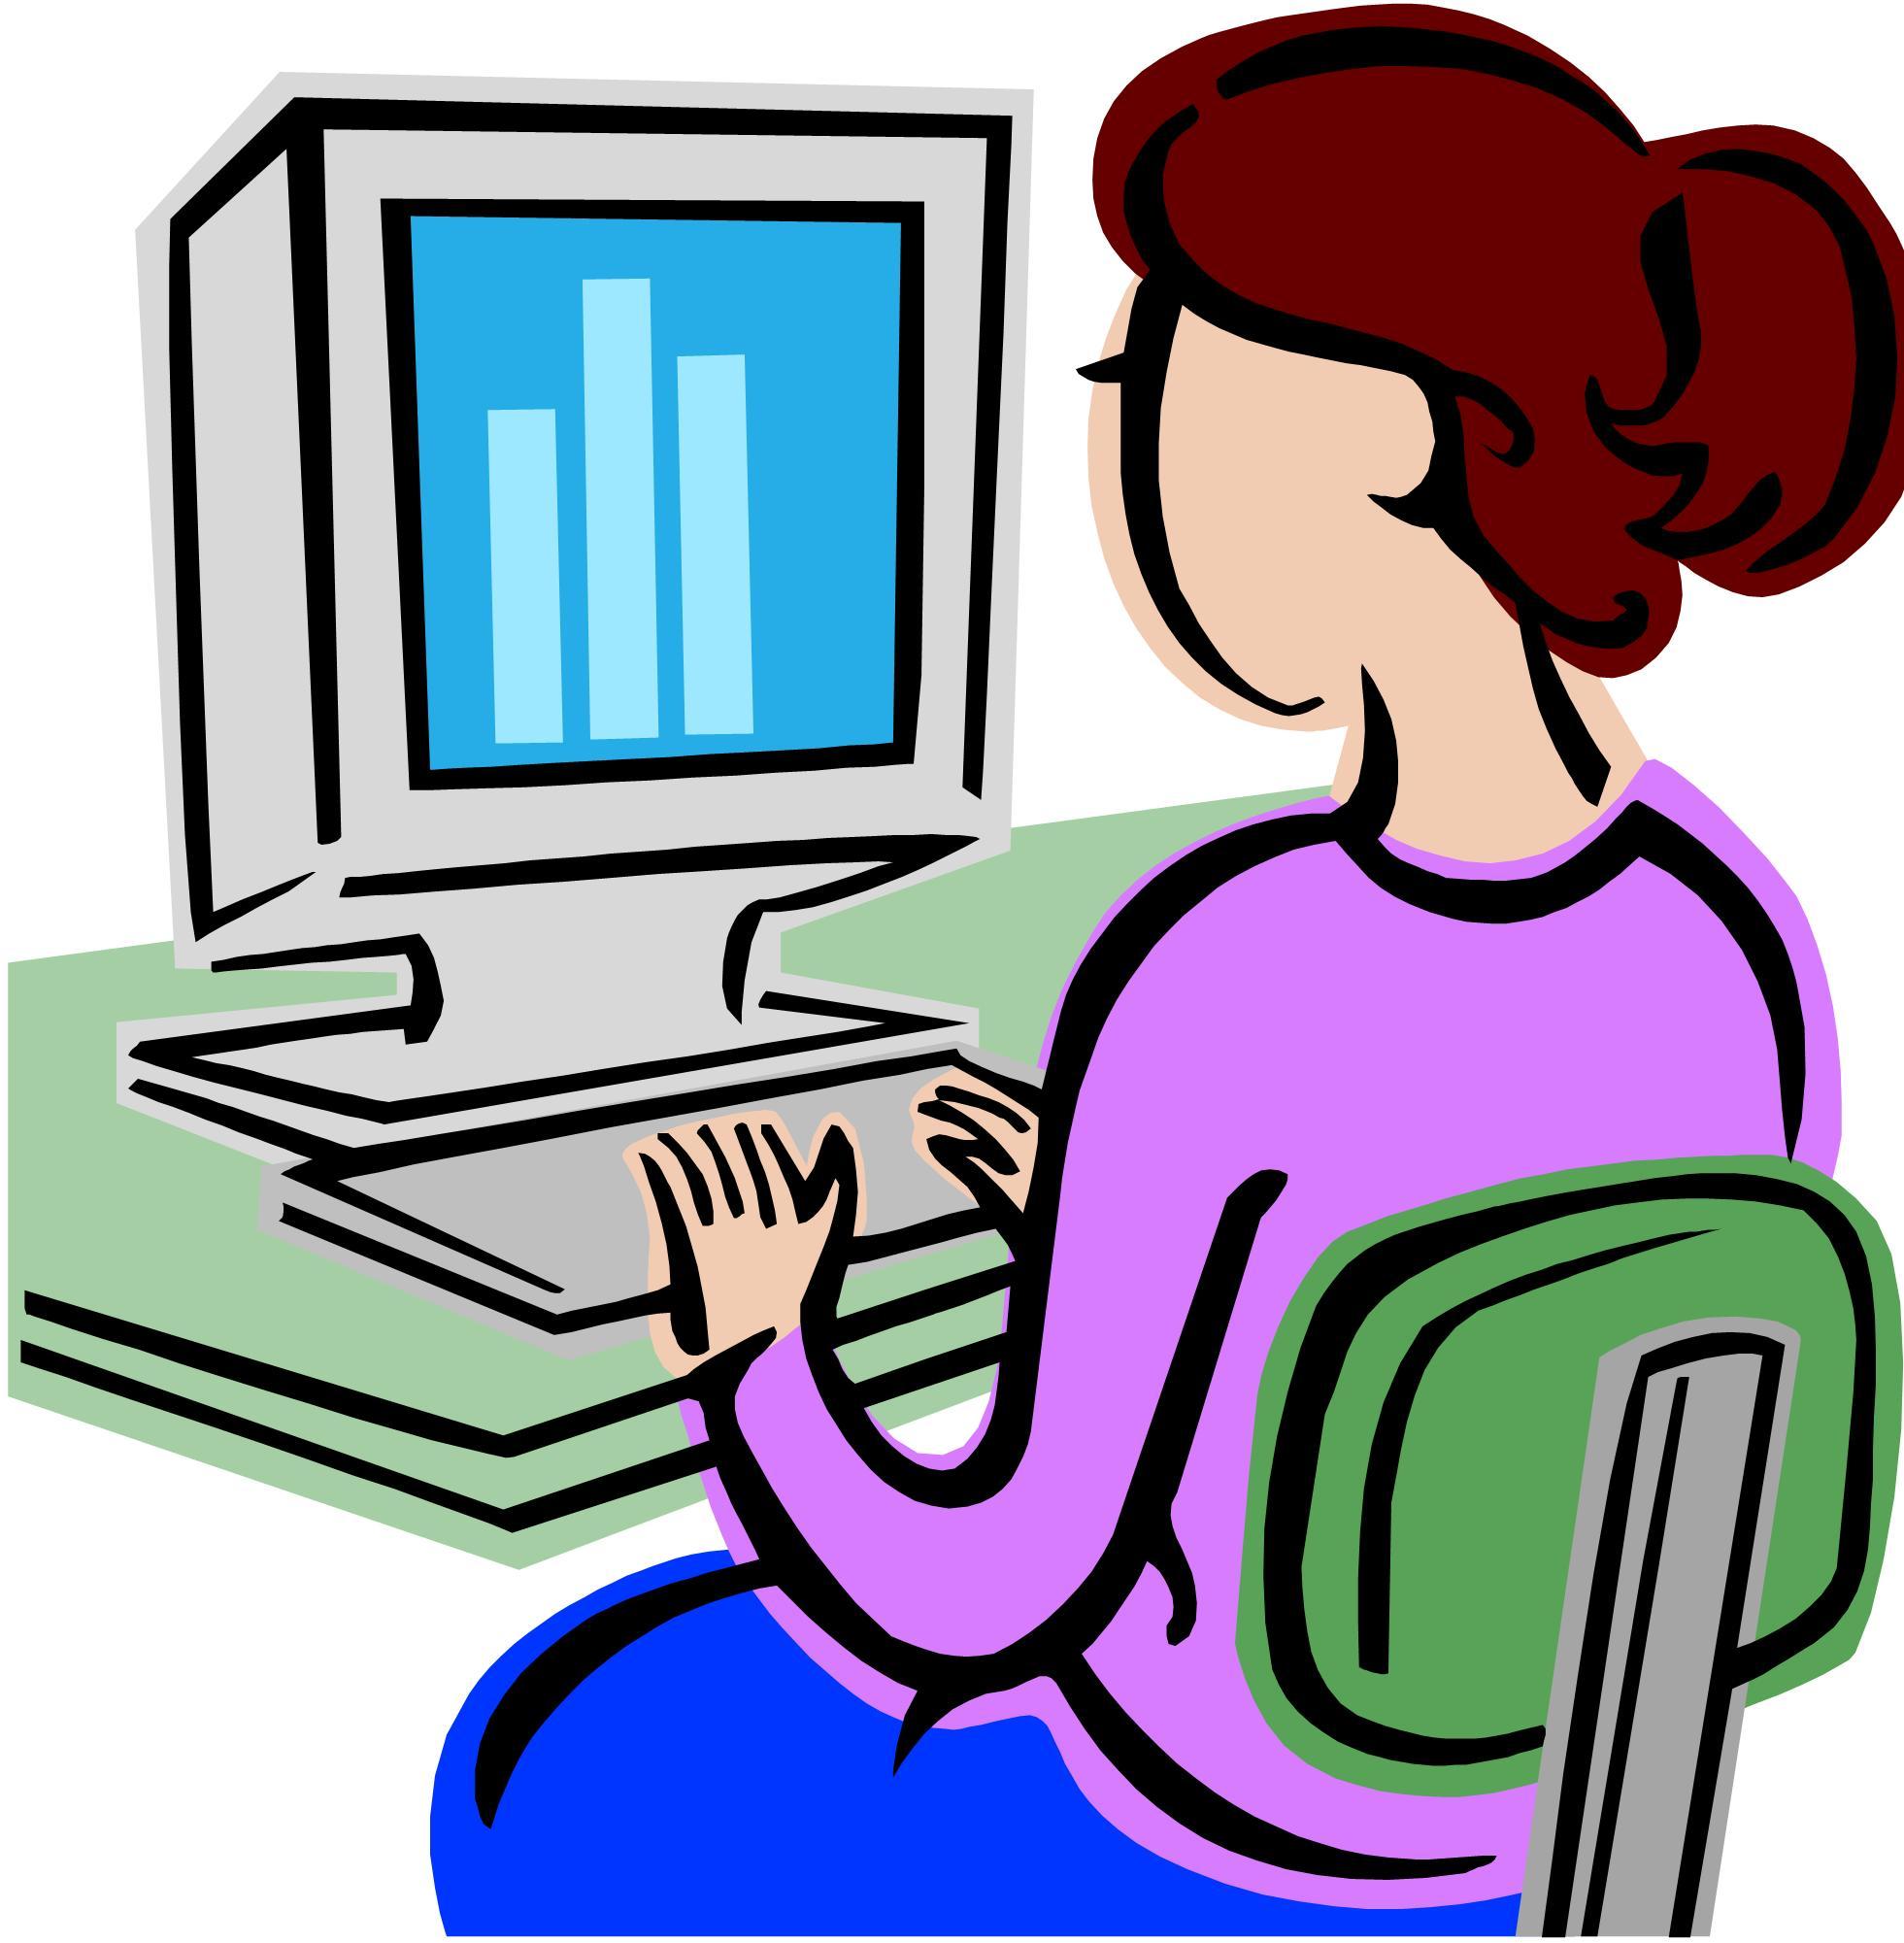 computer clipart fotolip com rich image and wallpaper rh fotolip com clip art websites for teachers top clip art websites